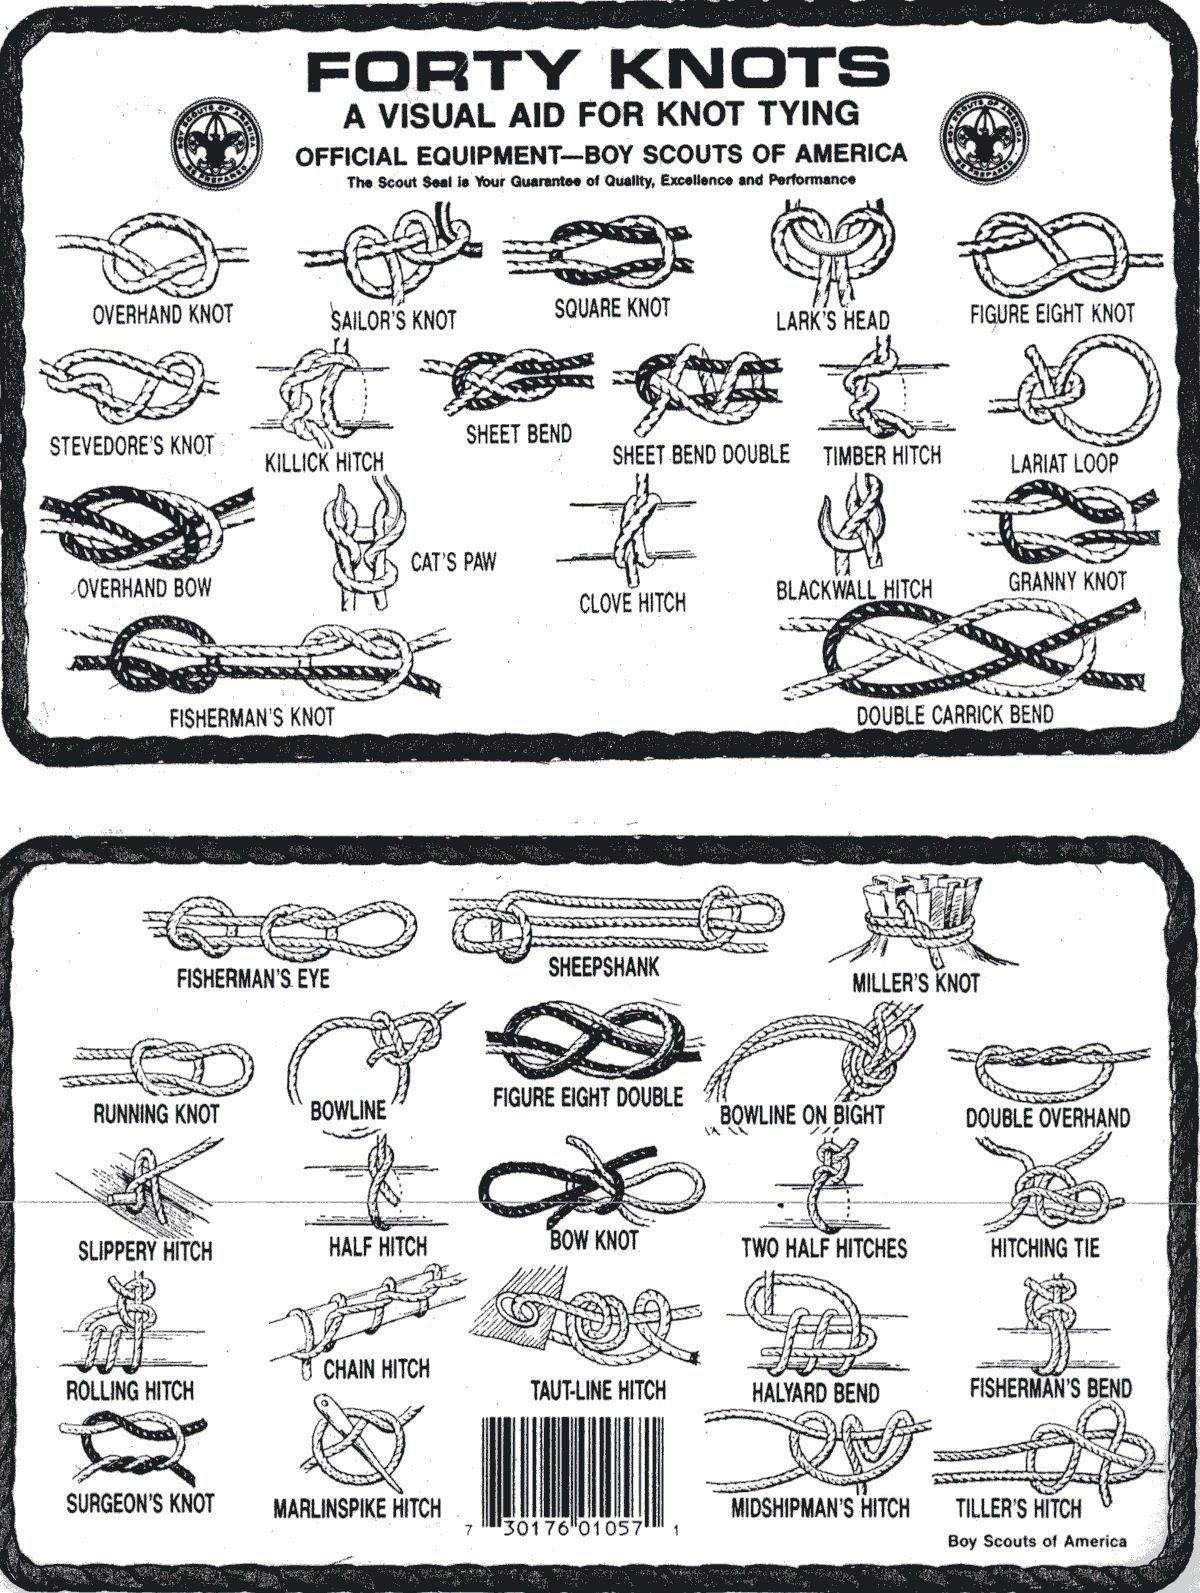 Boy Scout Knots Diagram